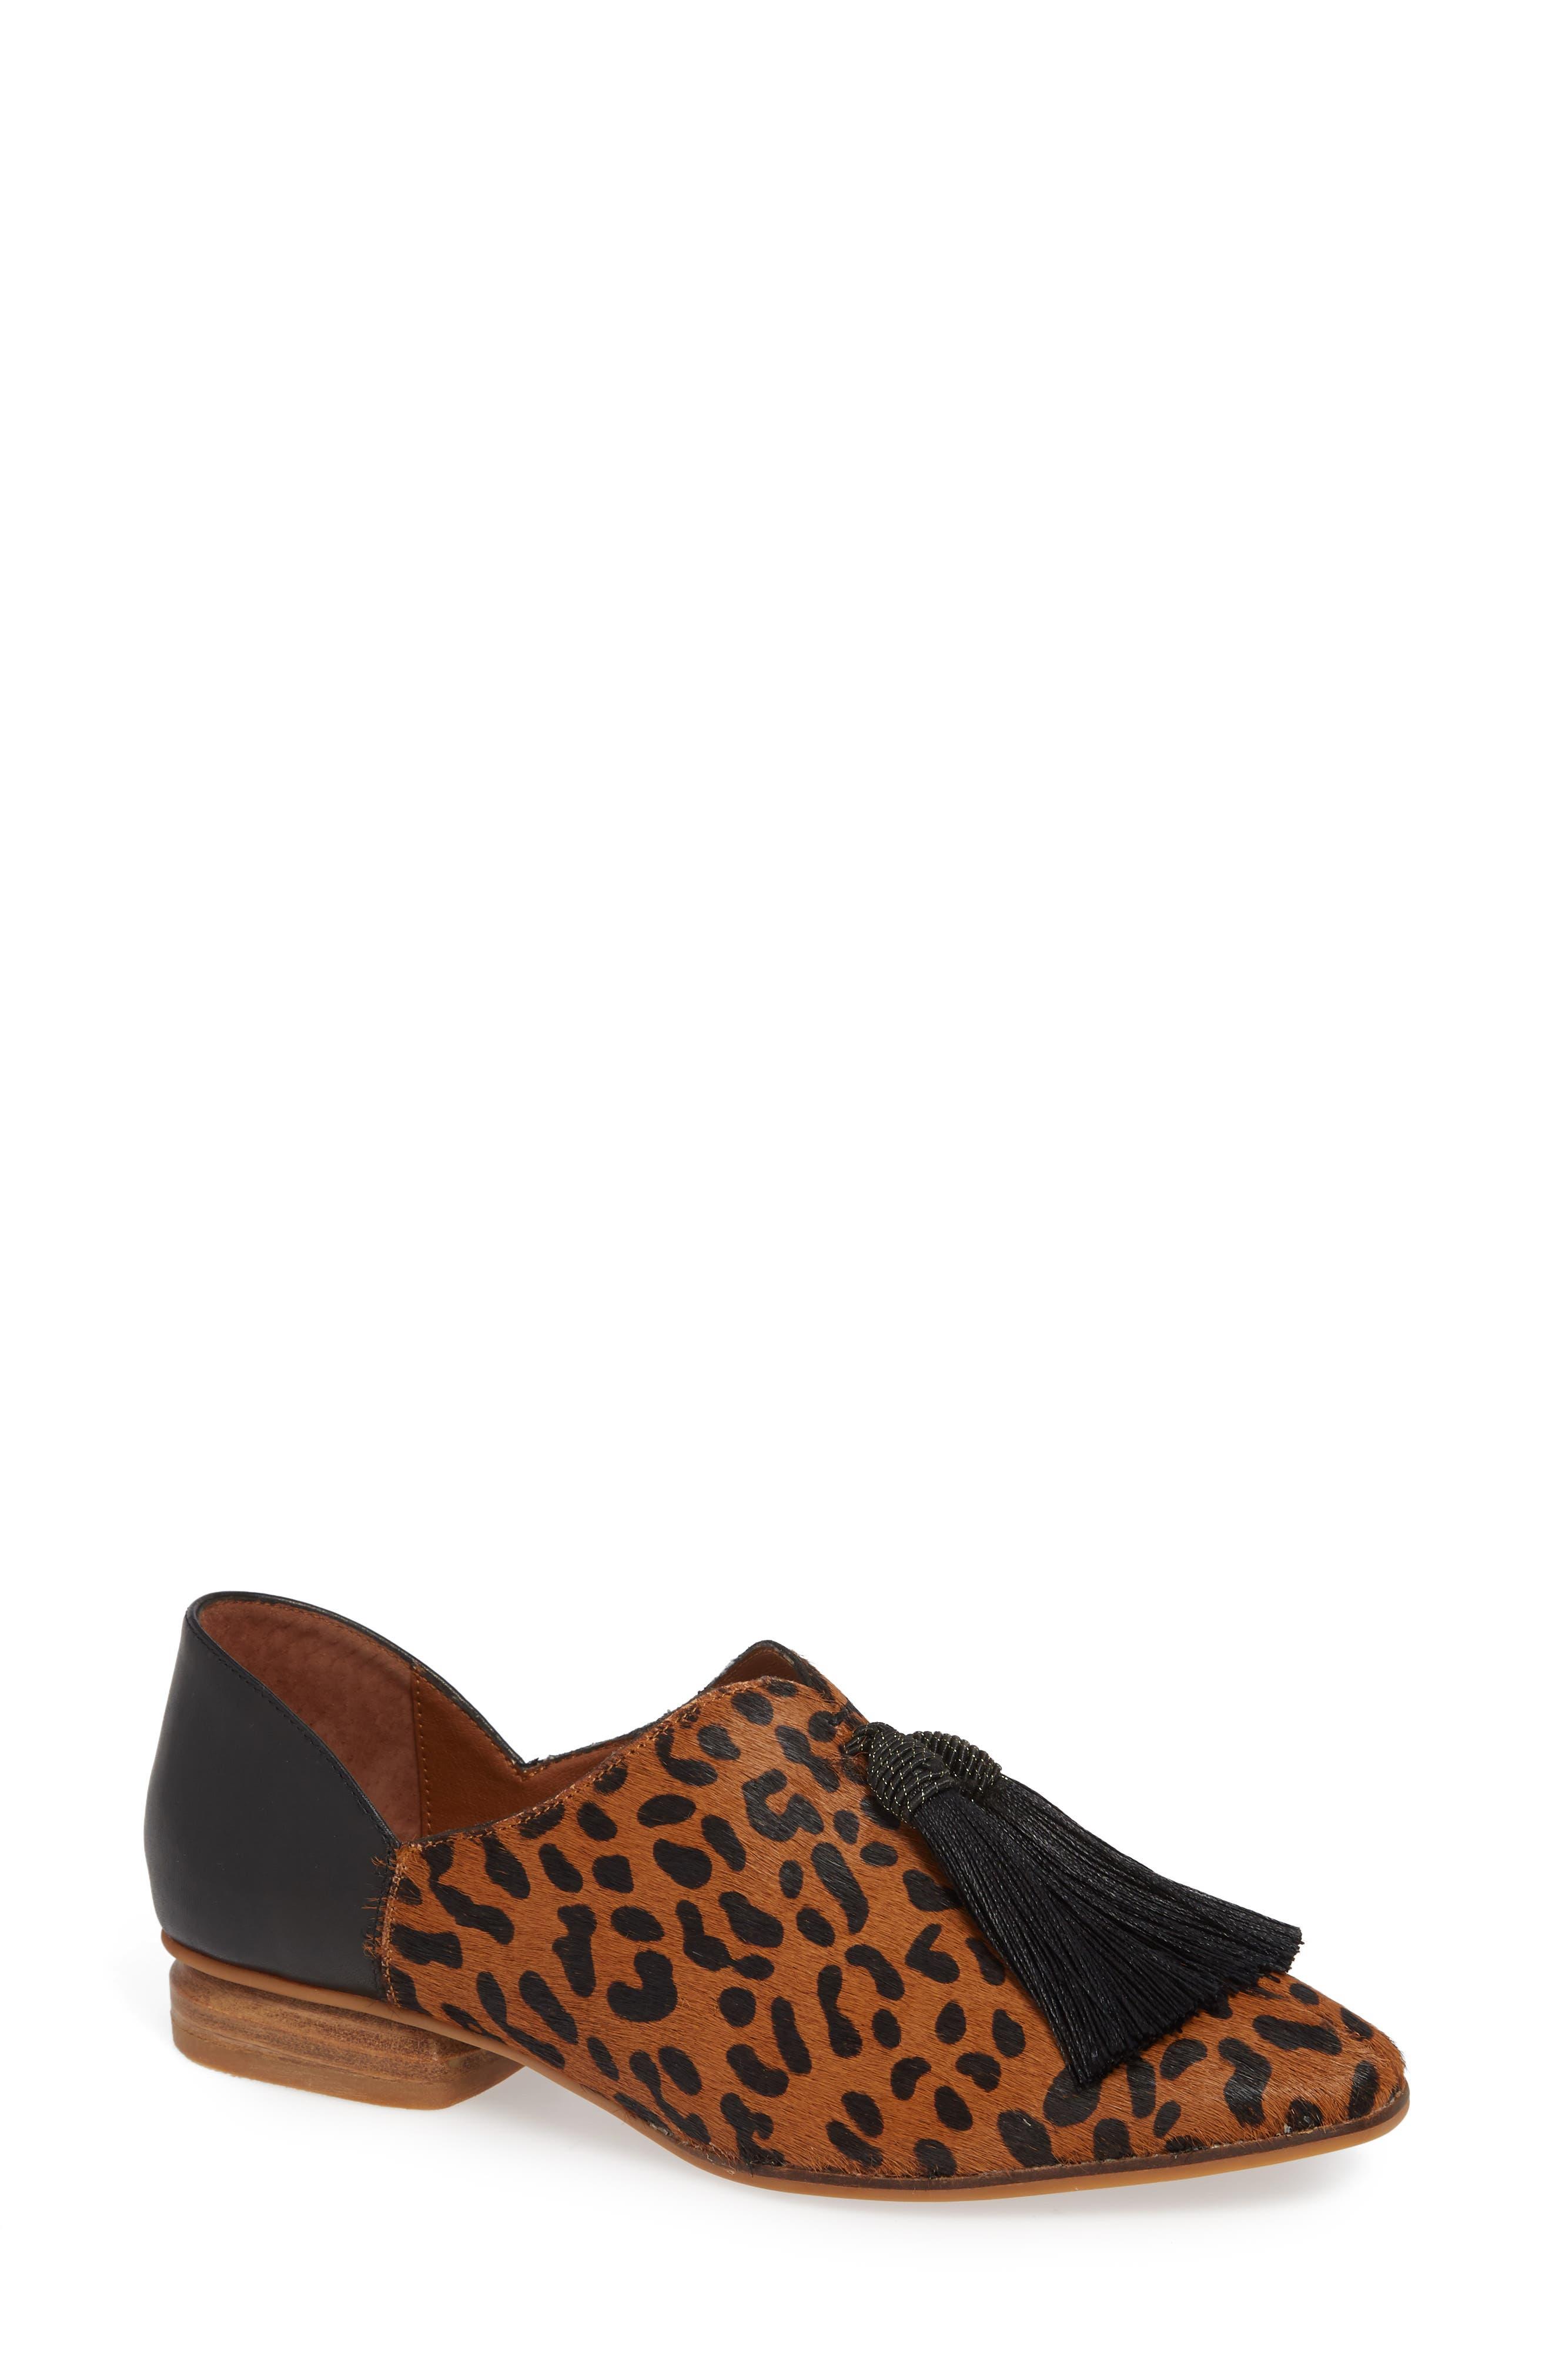 SBICCA,                             Primwood Tassel Loafer,                             Main thumbnail 1, color,                             BLACK LEOPARD LEATHER